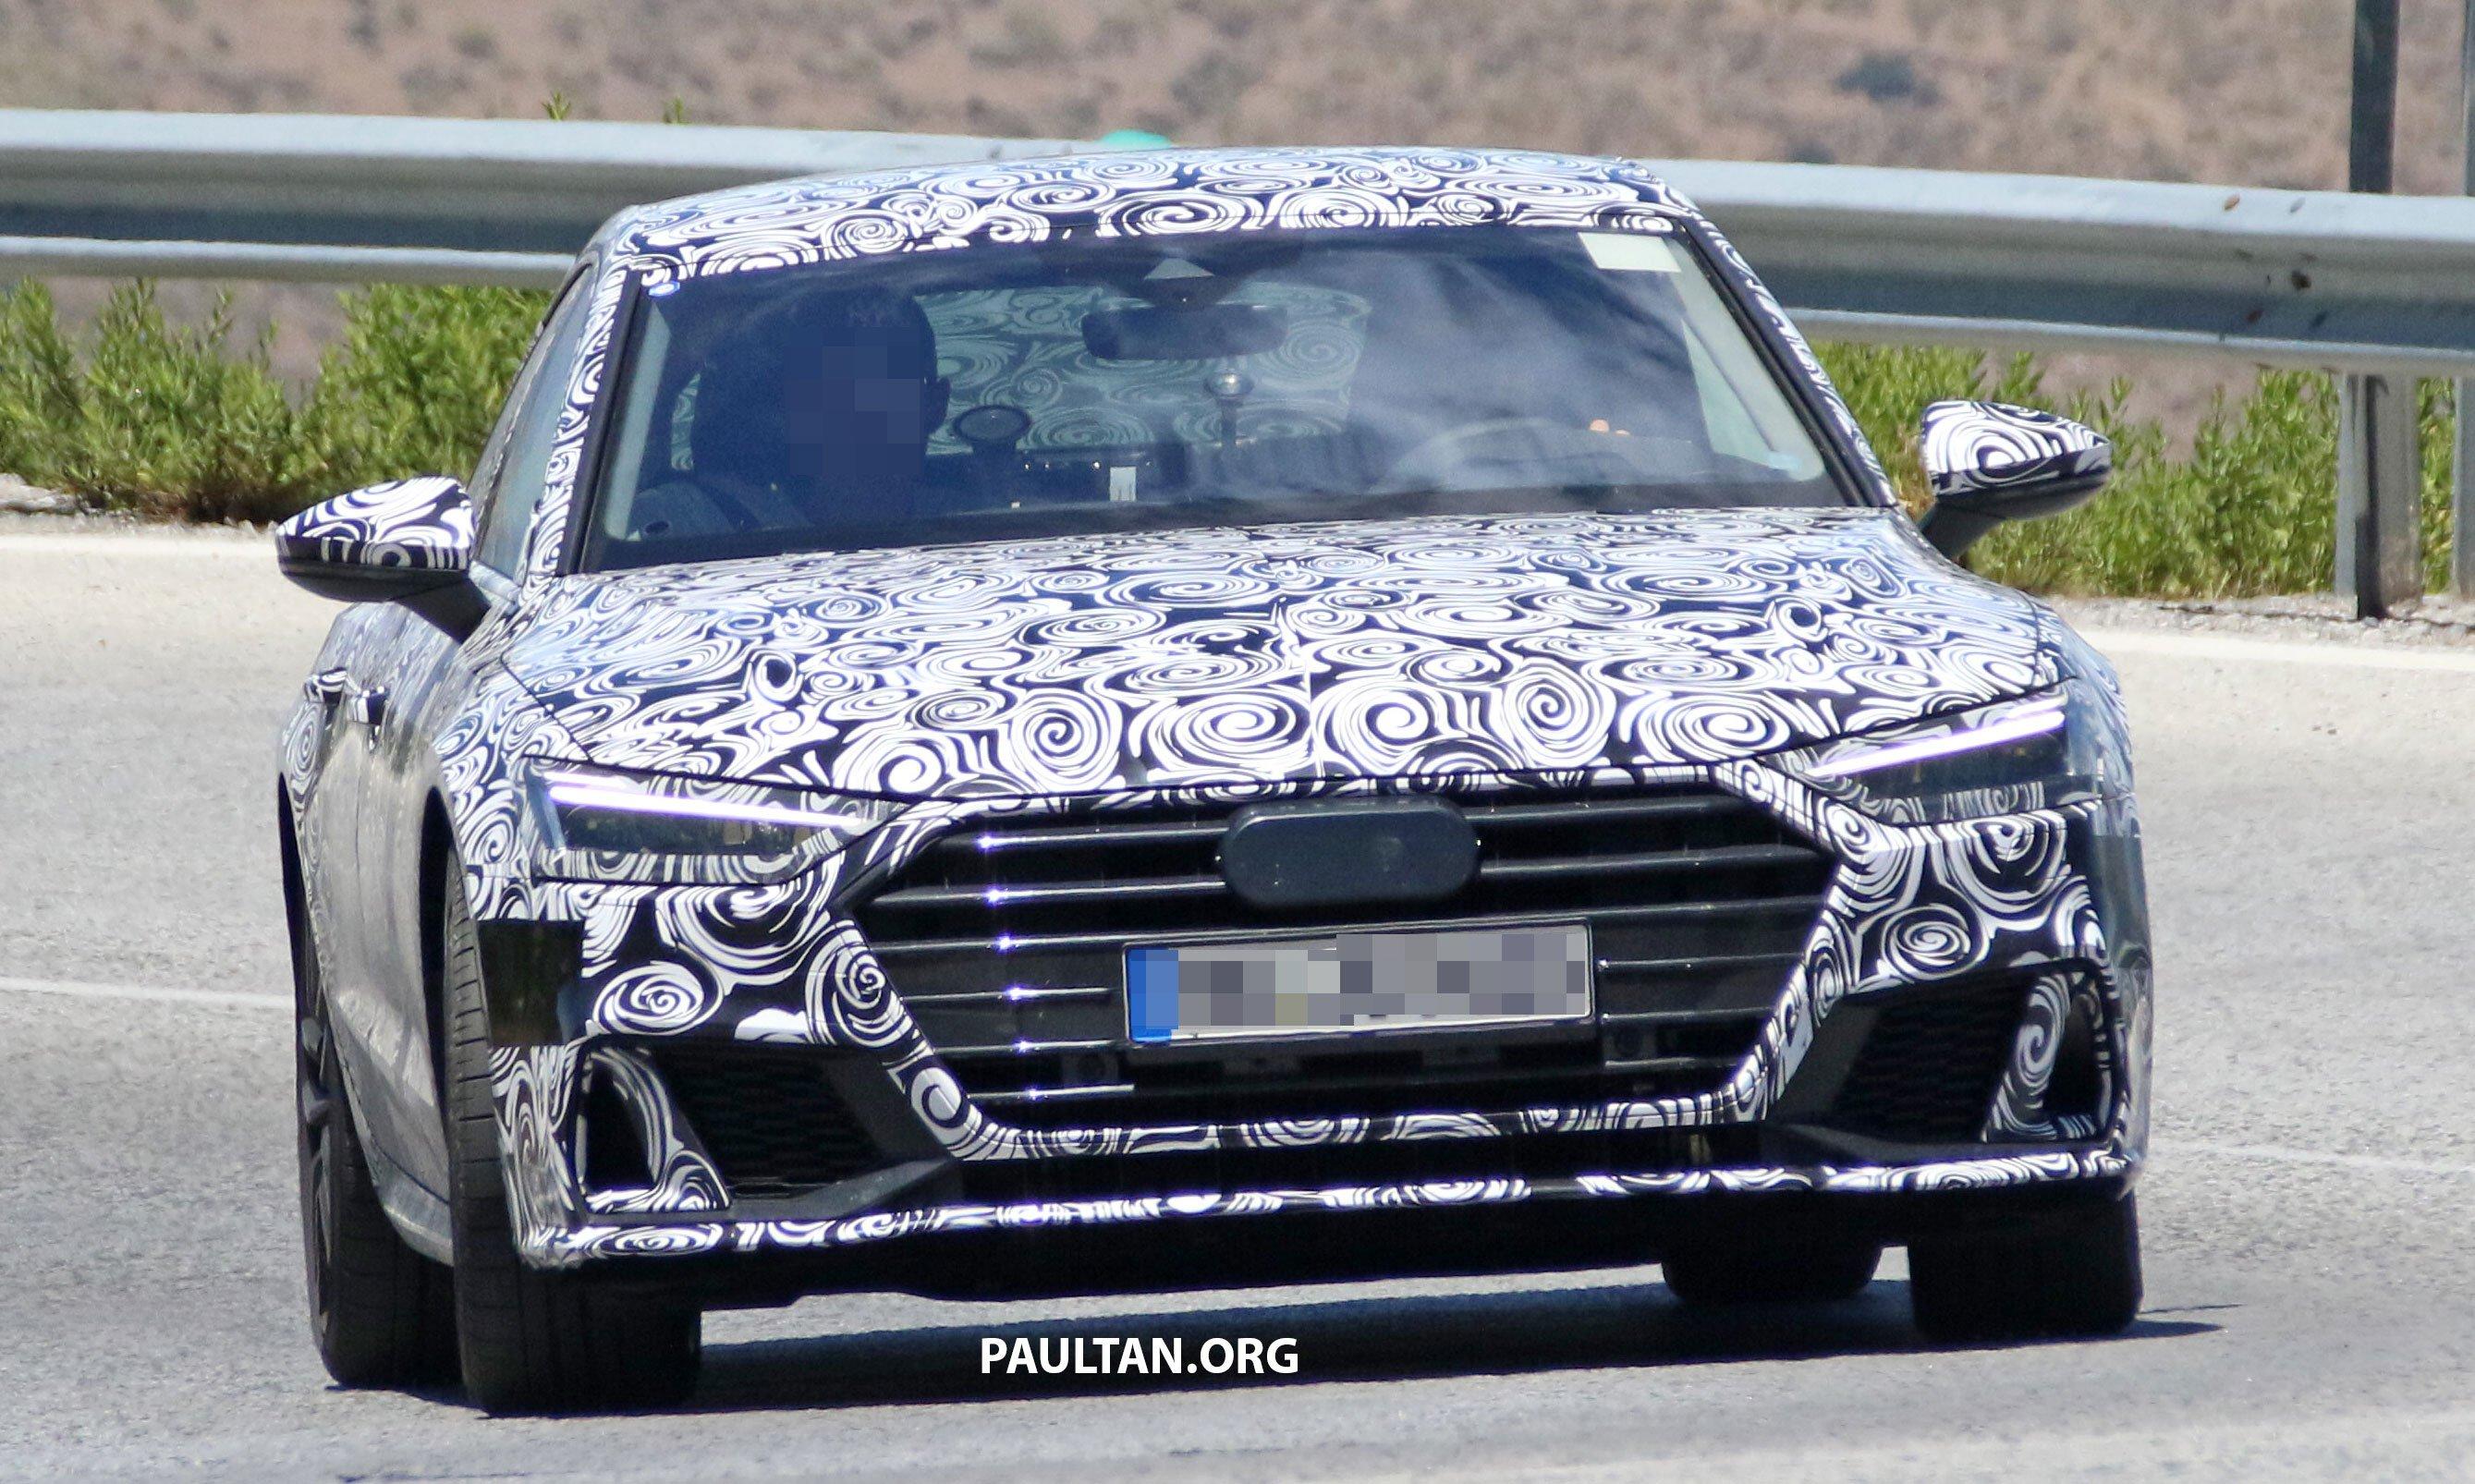 谍照:全新 Audi S7 伪装路测照曝光,预计2018年面市。 Audi S7 1 Paul Tan 汽车资讯网